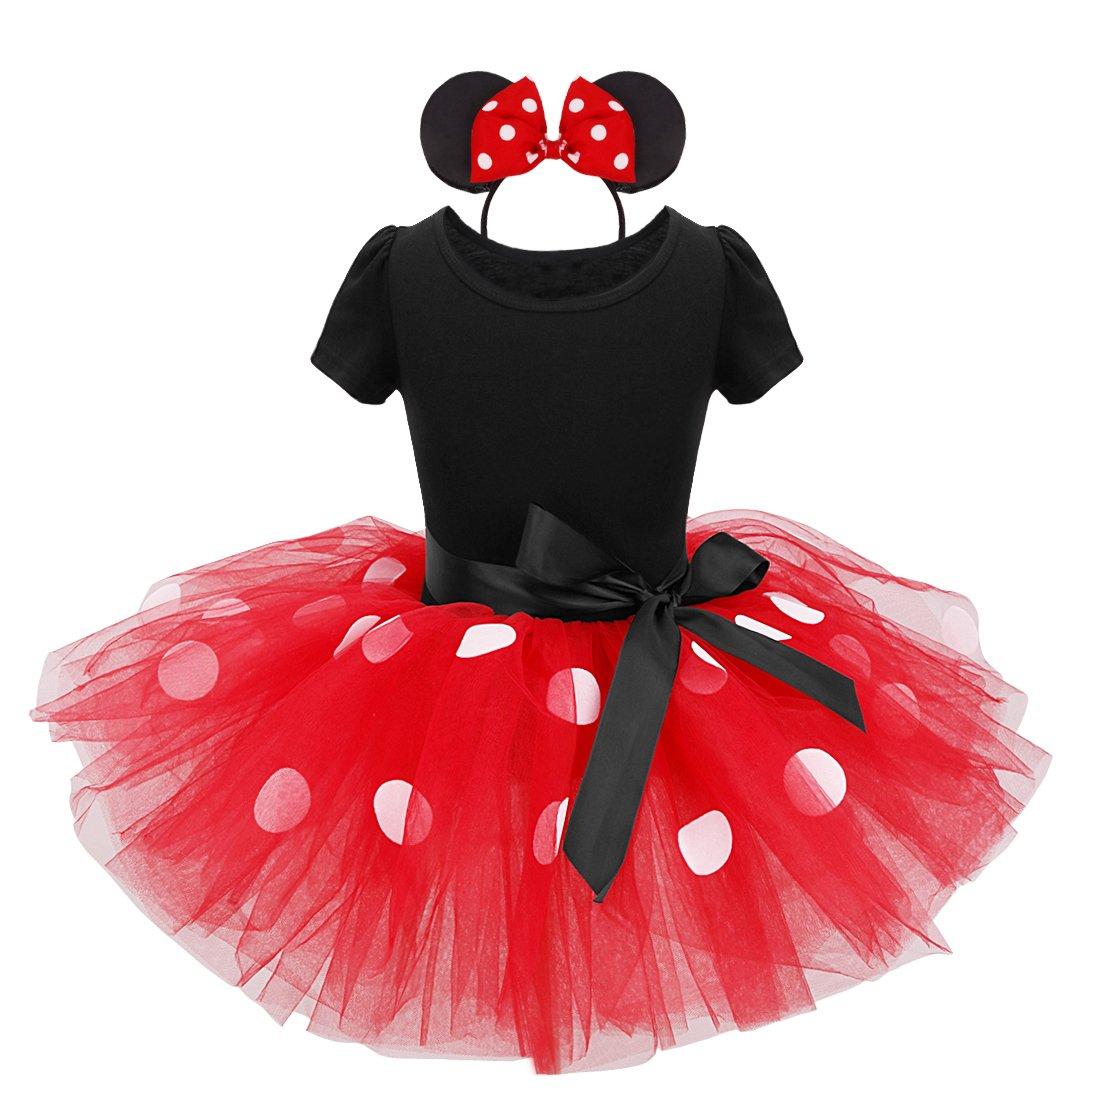 dPois Baby M/ädchen Festlich Kleid Outfit Set Polka Dots Tutu Kleid mit Maus Ohren Haarreif Kinder Prinzessin Kost/üm Halloween Geburtstag Weihnachten Gr.80-128